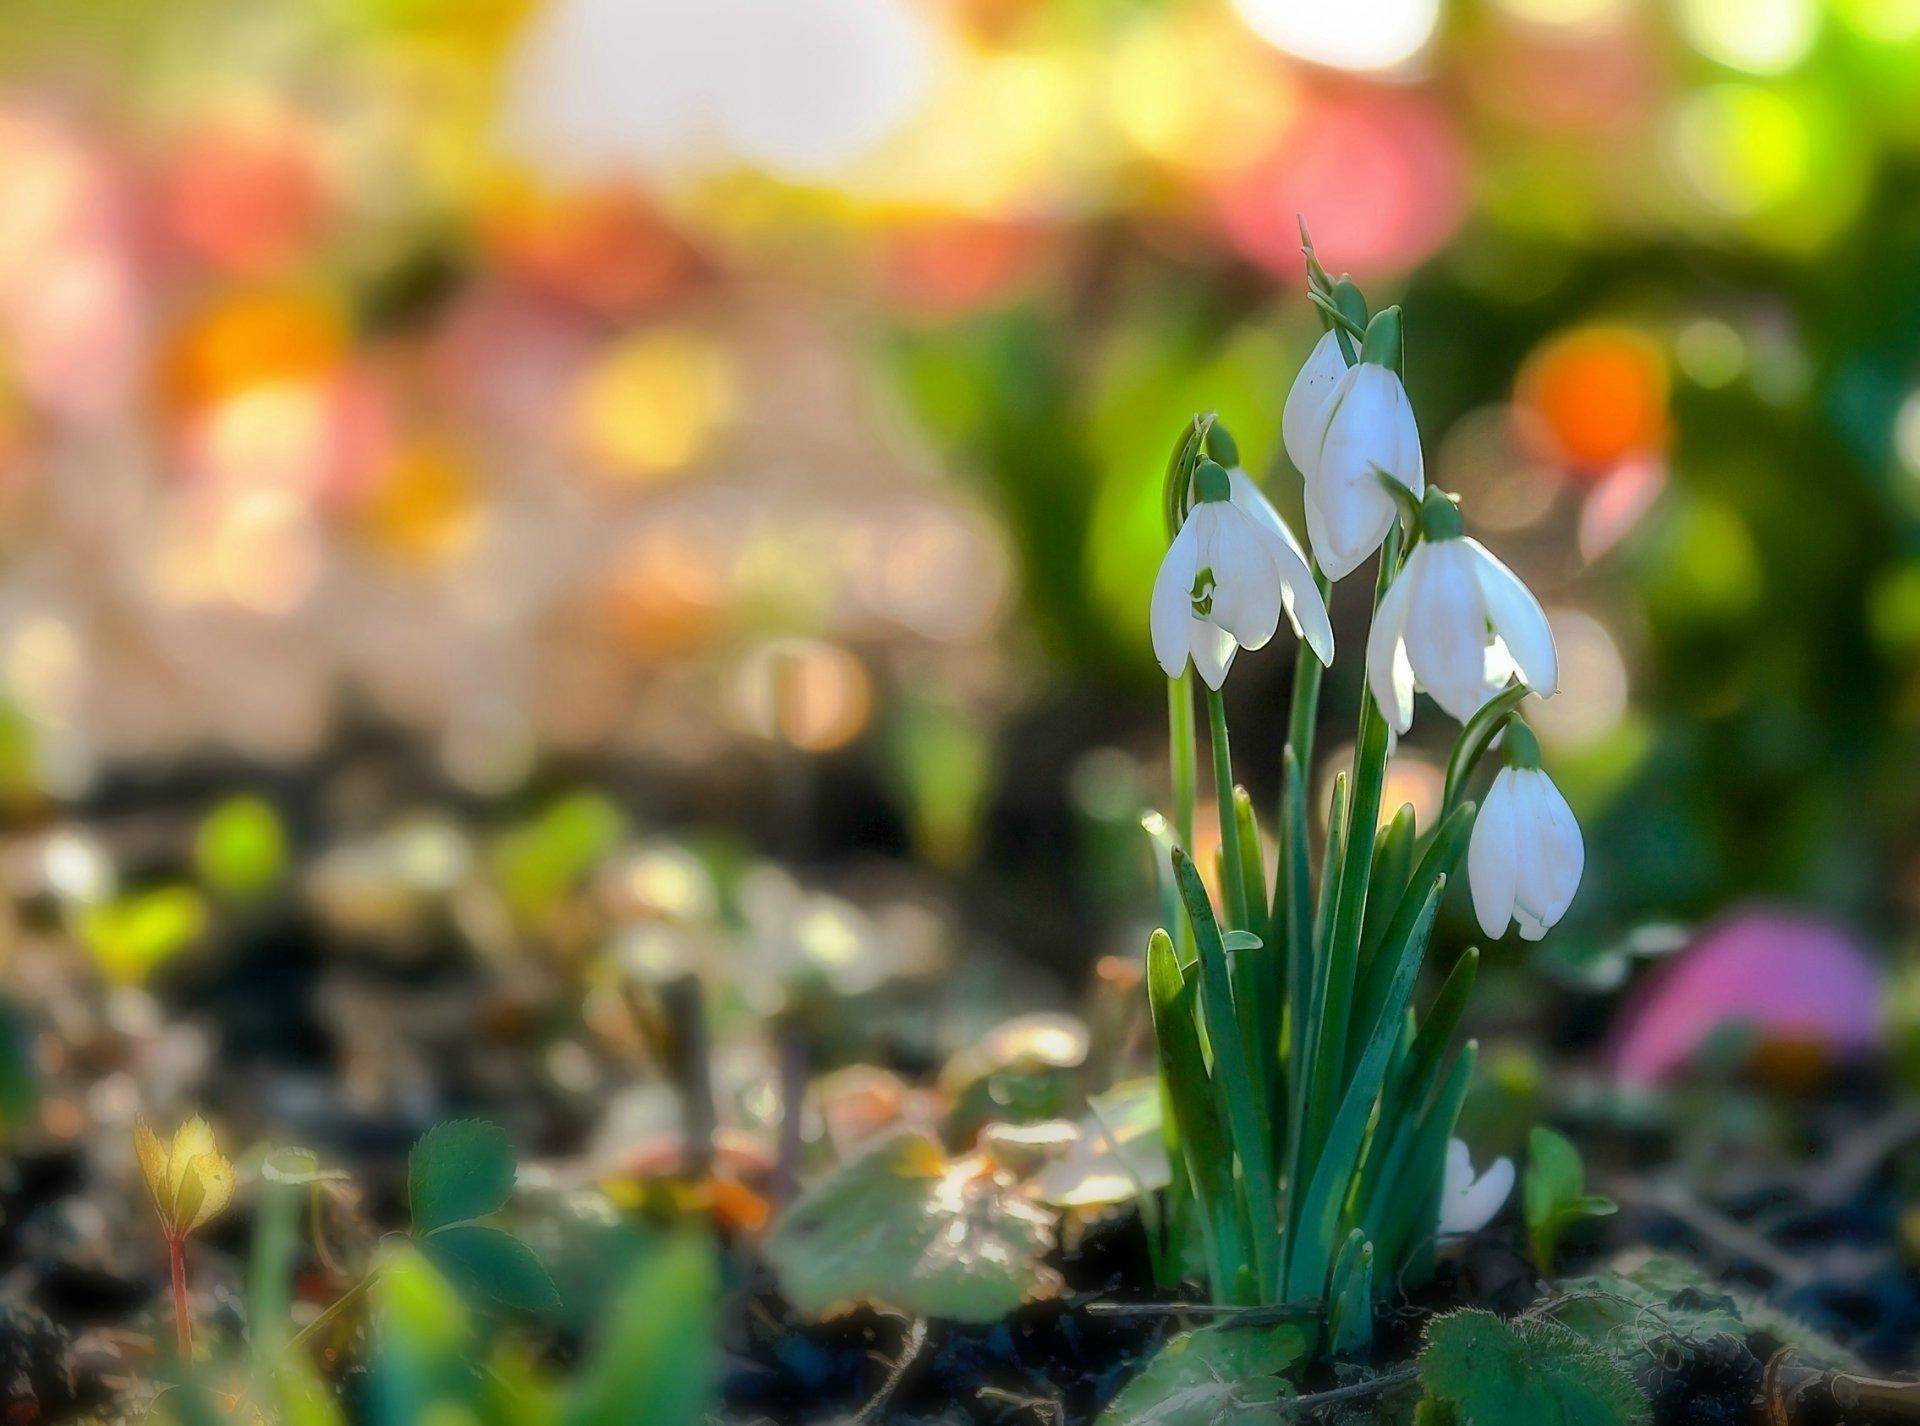 Gėlės nuotrauka. (Pavadinimas: Snieguolė)